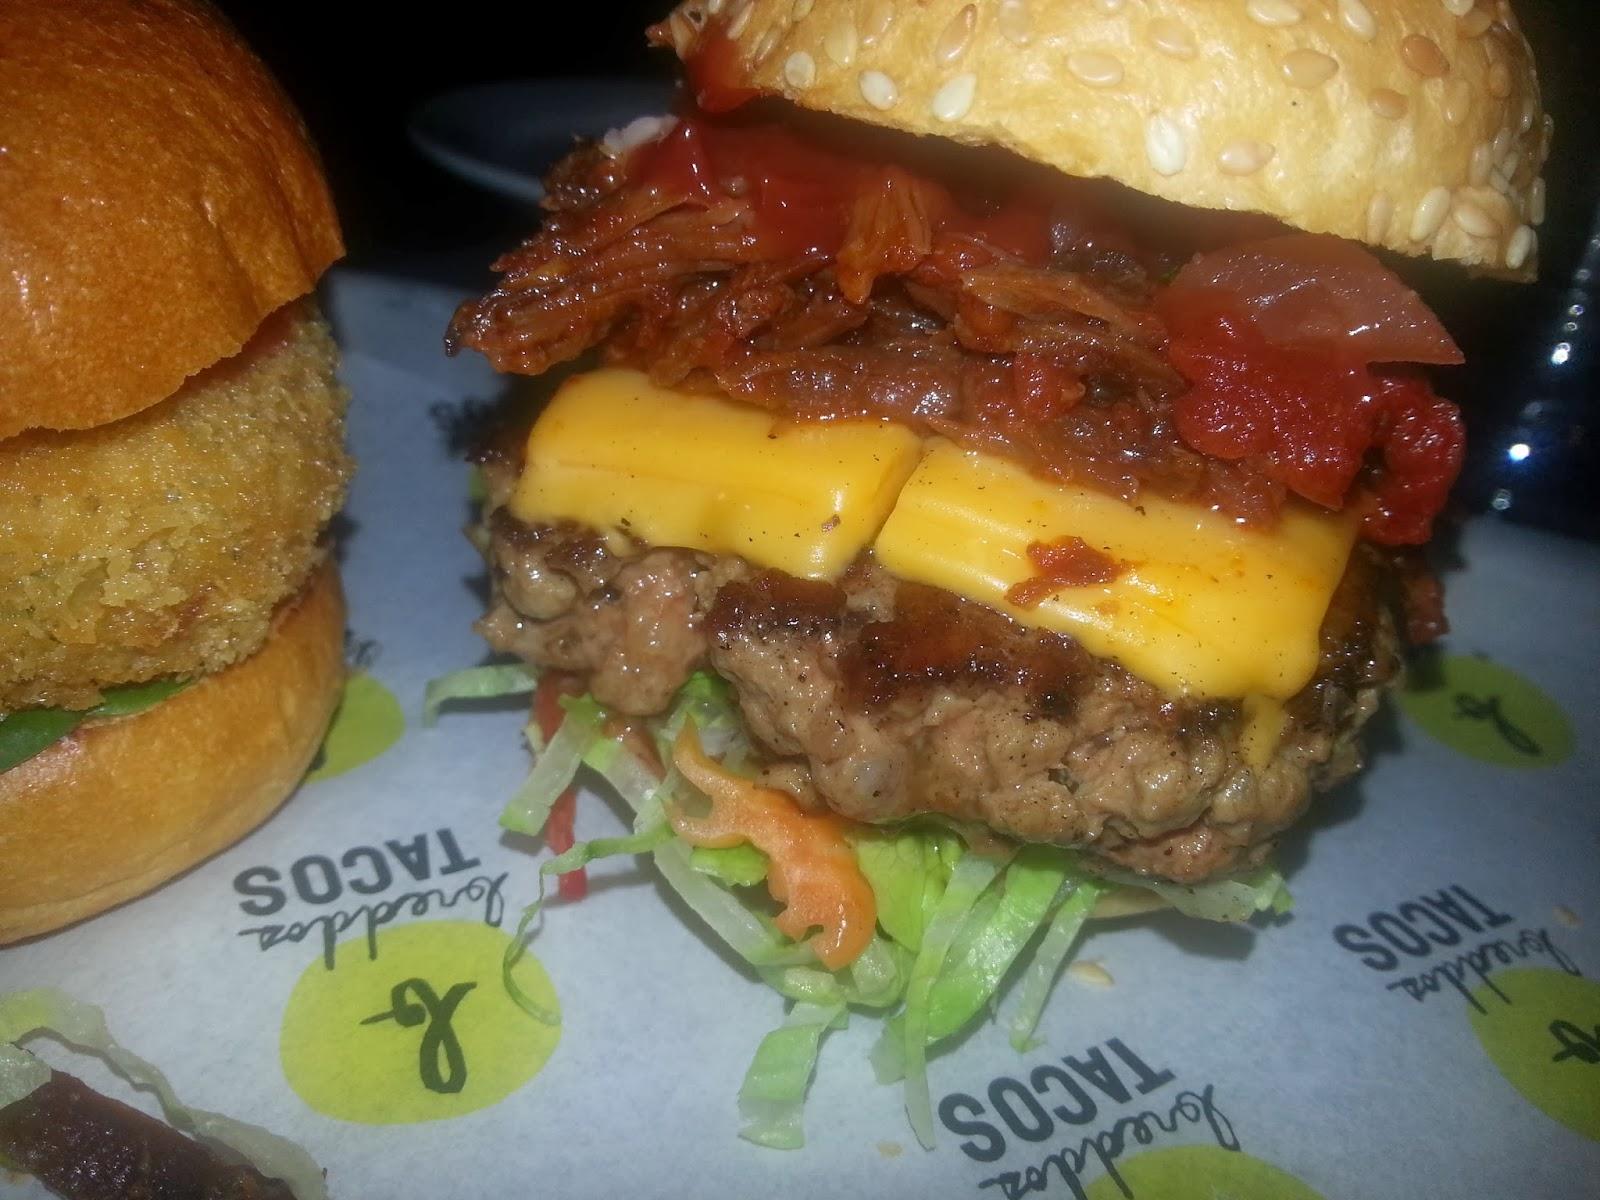 Breddos short rib habanero burger.